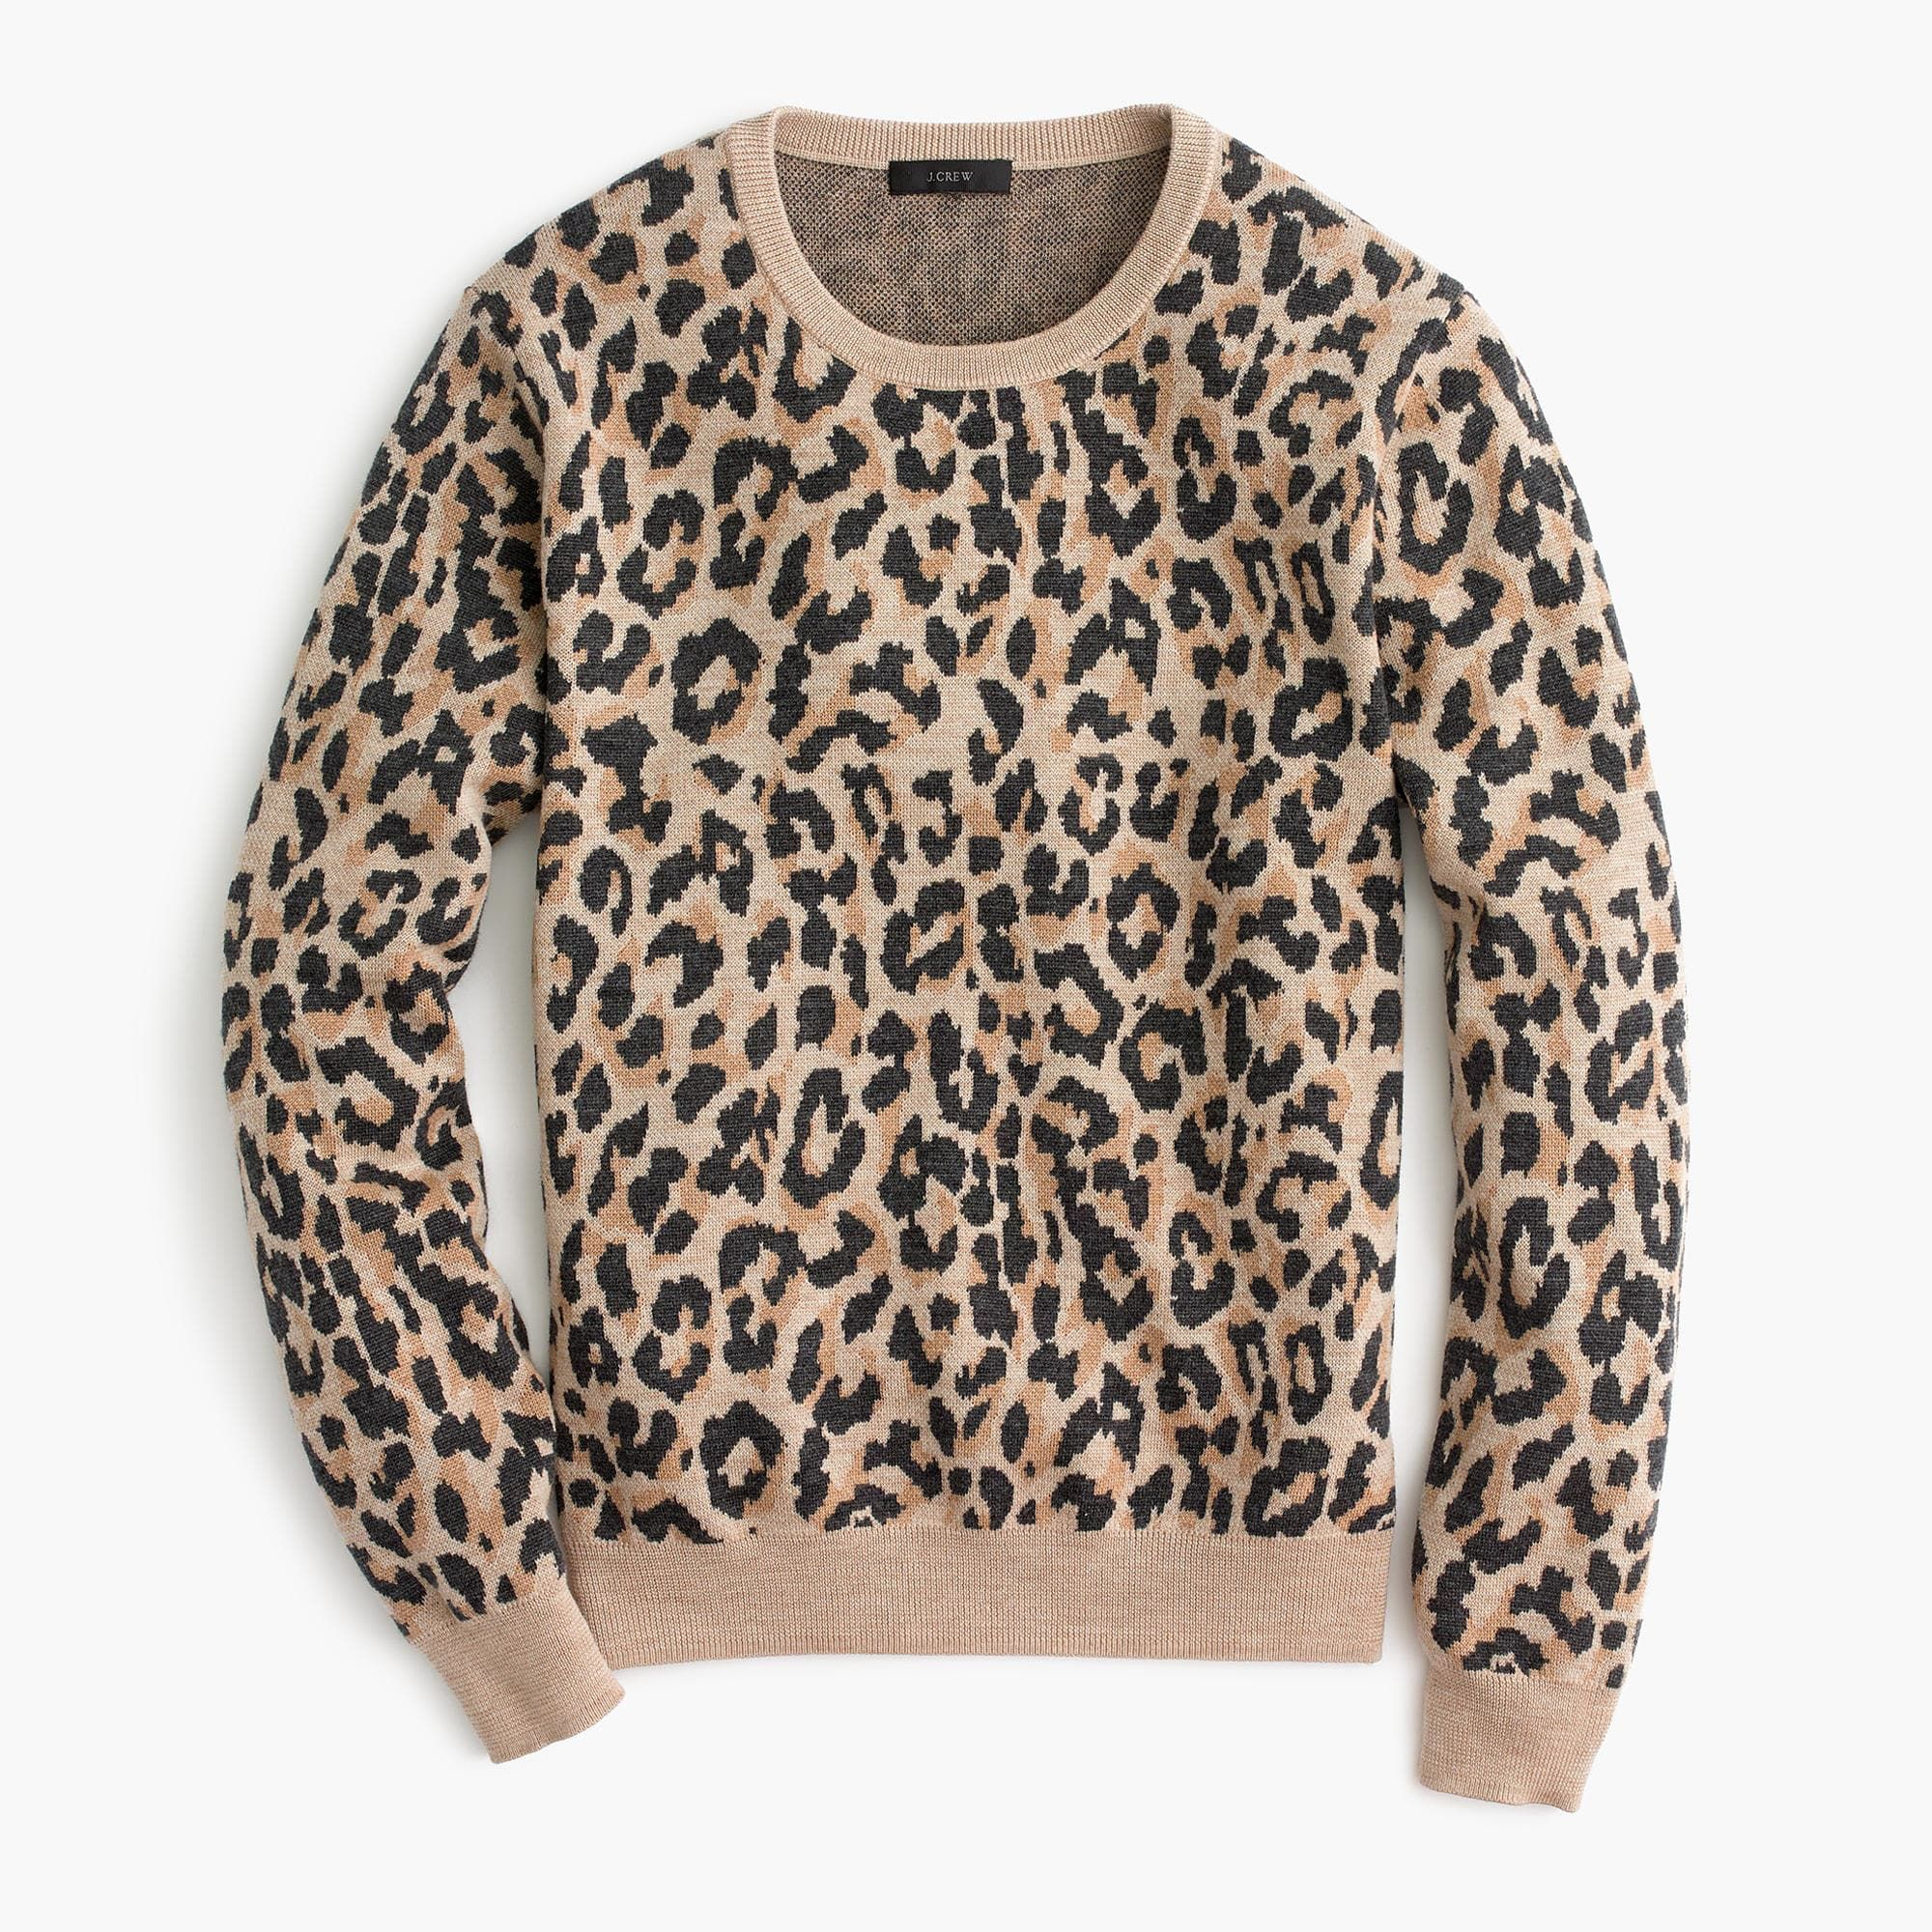 J Crew Merino Crewneck Sweatshirt In Cheetah Leopard Sweater Crew Neck Sweatshirt Sweaters For Women [ 2000 x 2000 Pixel ]